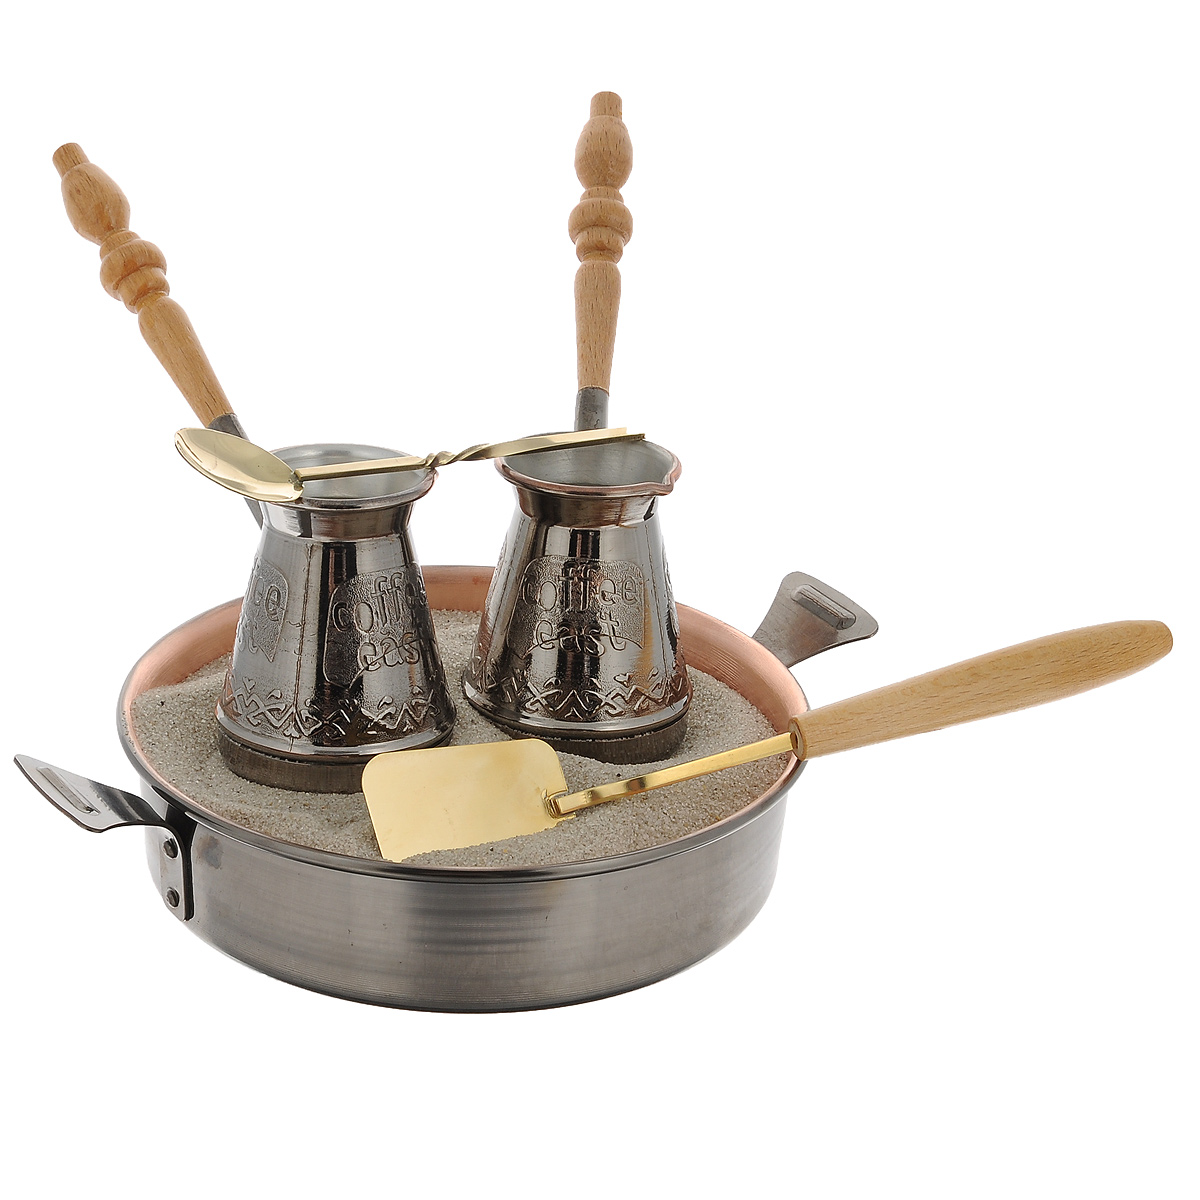 Набор турецкий Станица Тет-а-Тет, 6 предметовКО-26003Приготовление кофе по-восточному на песке - одна из древнейших традиций в истории кофе. Сегодня она вновь обретает все большуюпопулярность во всем мире.Турецкий набор Станица Тет-а-Тет предназначен для приготовления кофе на песке. В набор входит все необходимое для приготовления: двемедные турки, песок, ложка кофейная, лопатка для песка и жаровня.Кофе по-восточному можно приготовить в домашних условиях, как нагазовой, так и на электрической или керамической плите.Сваренный таким образом кофе обладает особым неповторимым вкусом, а также увлекает зрелищностью процесса приготовления. Объем турки: 180 мл.Диаметр турки: 6,5 см.Длина ложки: 19 см.Длина лопатки: 24 см.Диаметр жаровни: 19 см.Длина жаровни (с учетом ручек): 26 см.Высота стенки: 5 см.